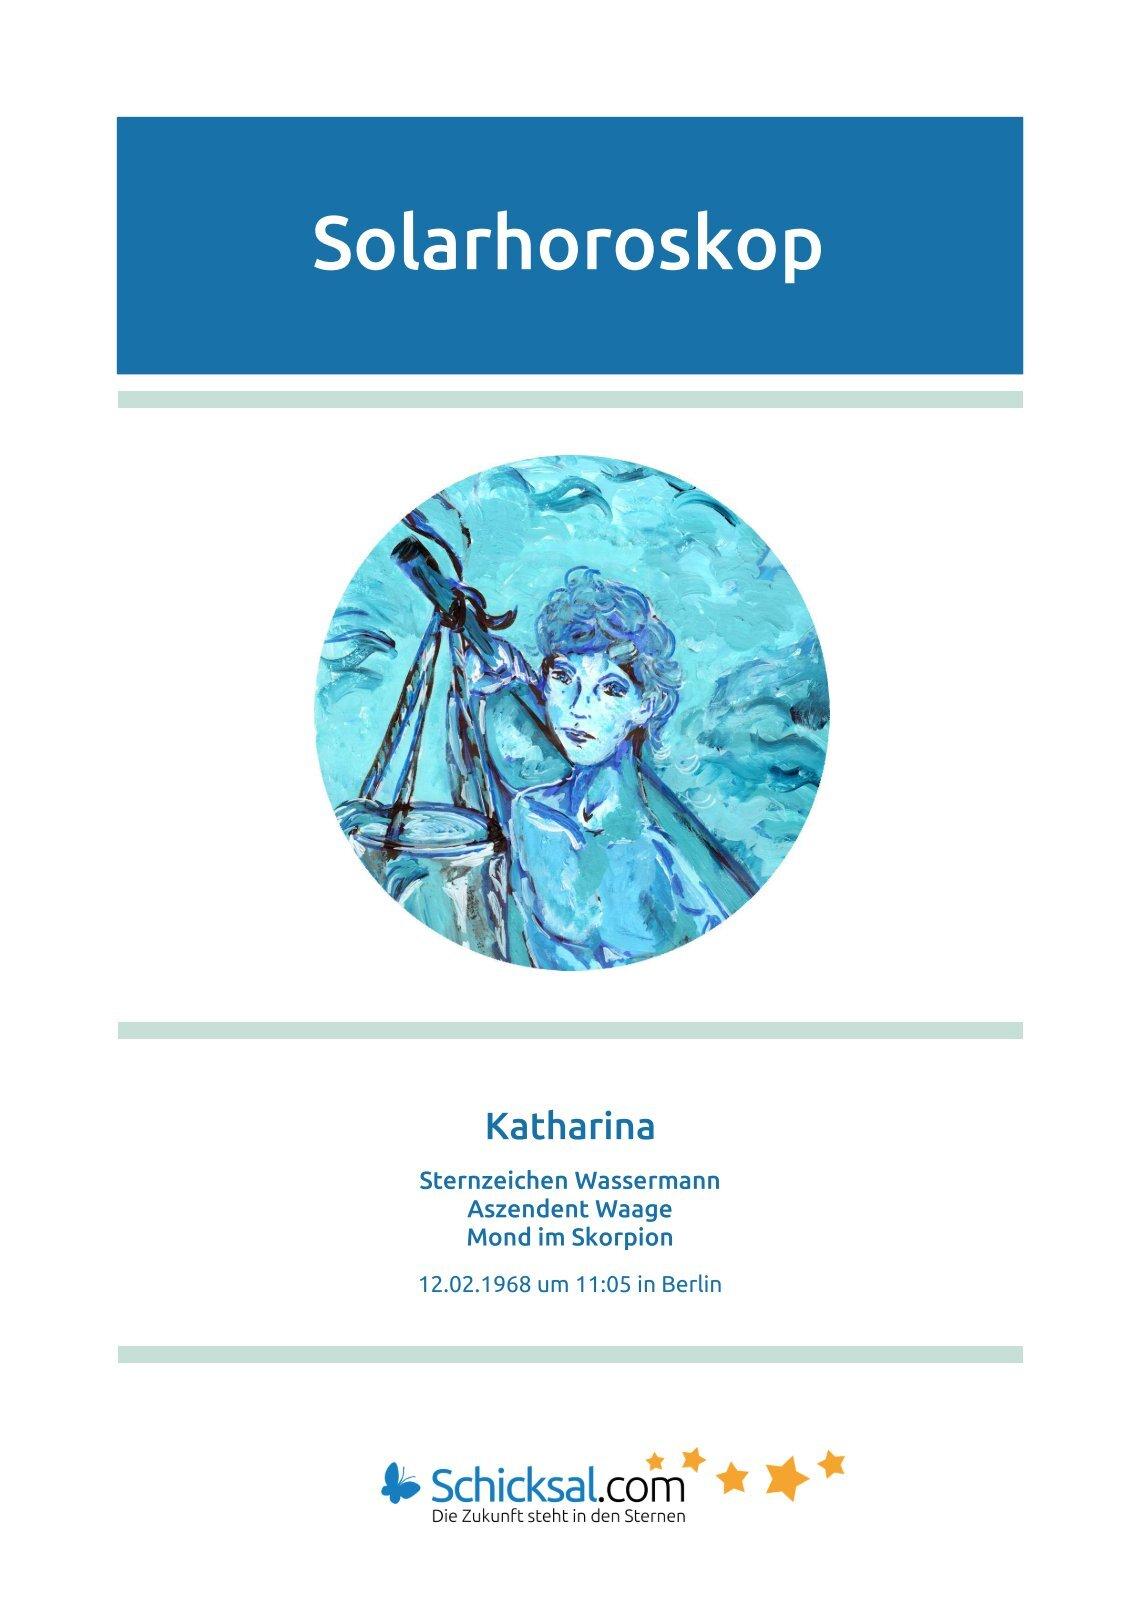 Wassermann - Solarhoroskop